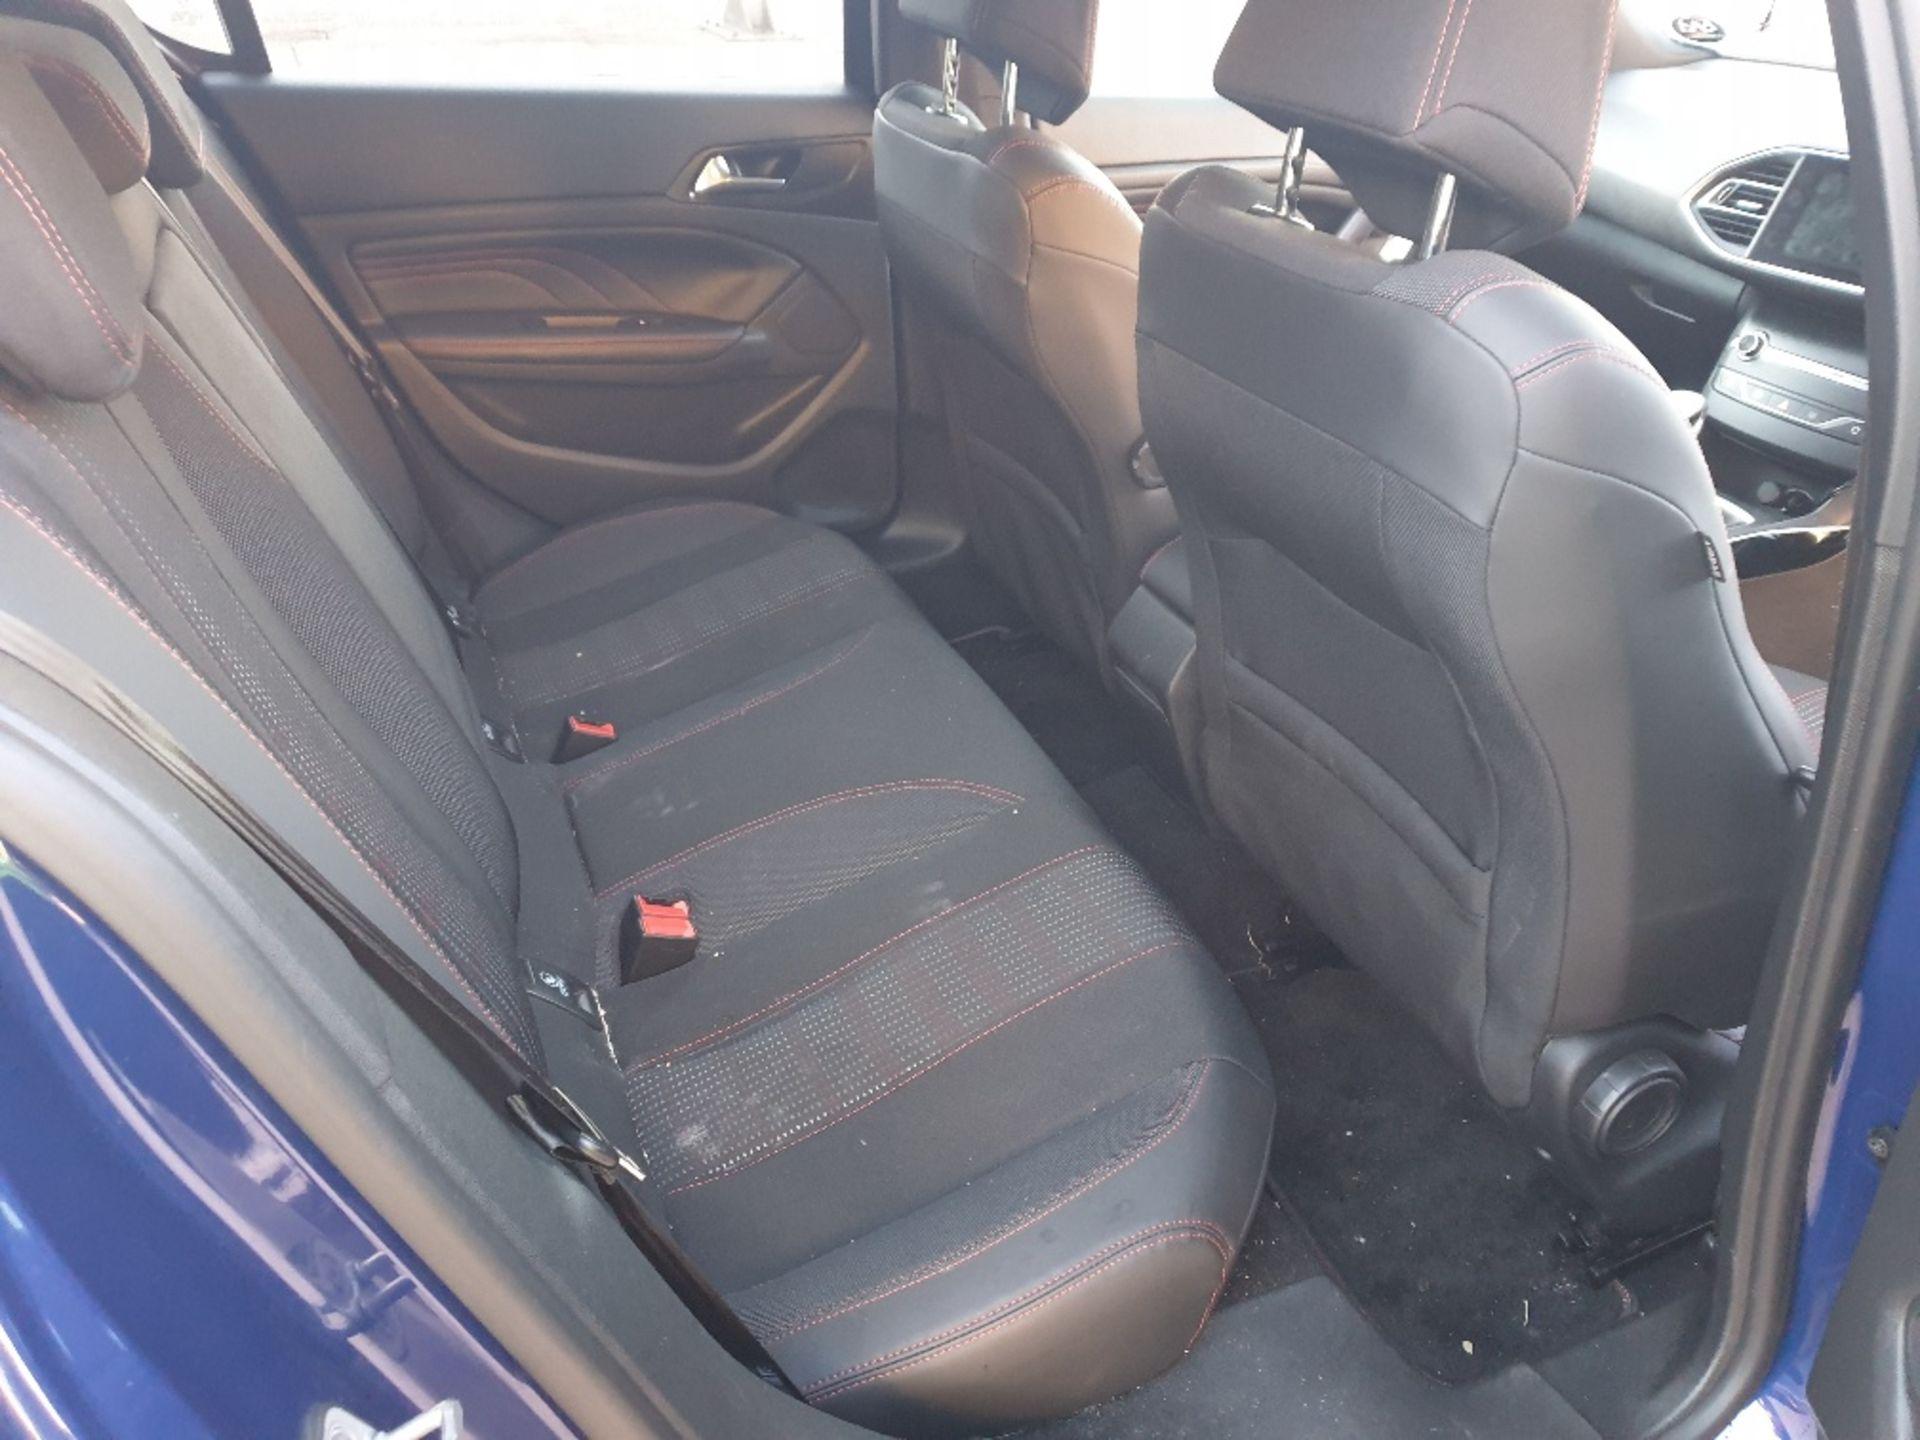 BLUE PEUGEOT 308 GT LINE. Reg : MJ66 UCN, Mileage : 14470 Details: WITH 2 X KEYS WITH V5 MOT UNTIL - Image 8 of 12